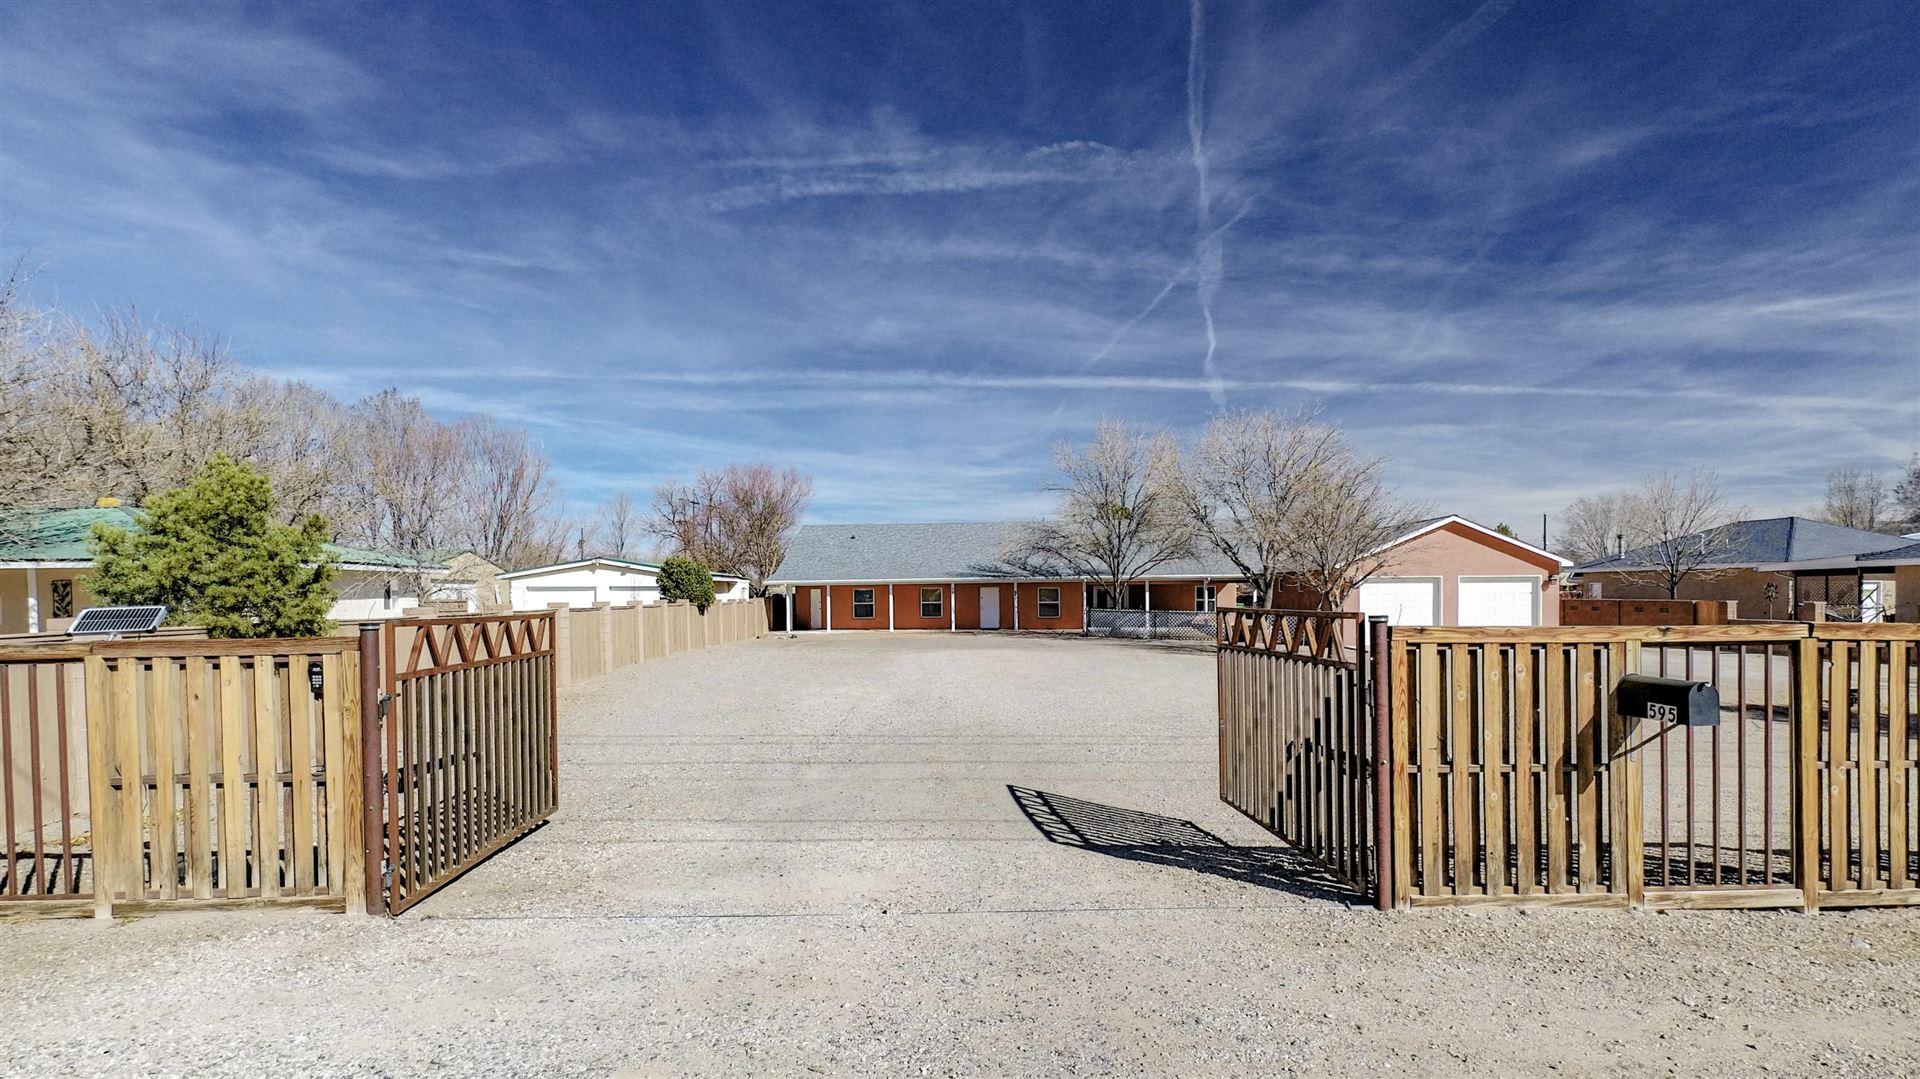 Photo of 595 EL PUEBLO Road NW, Los Ranchos, NM 87114 (MLS # 985446)